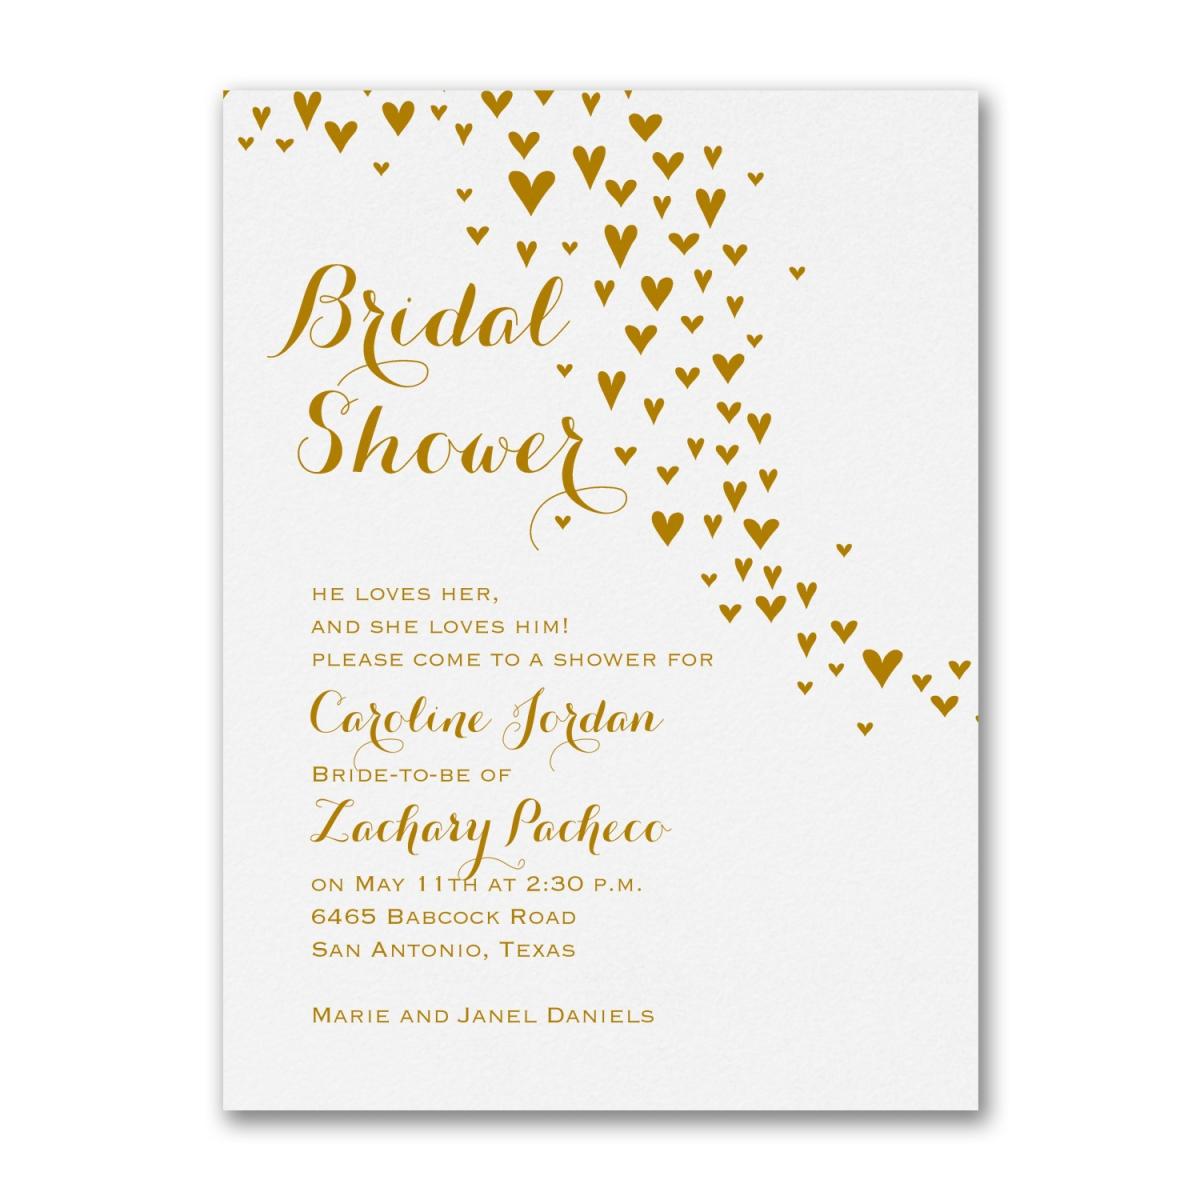 All Heart - Bridal Shower Invitations